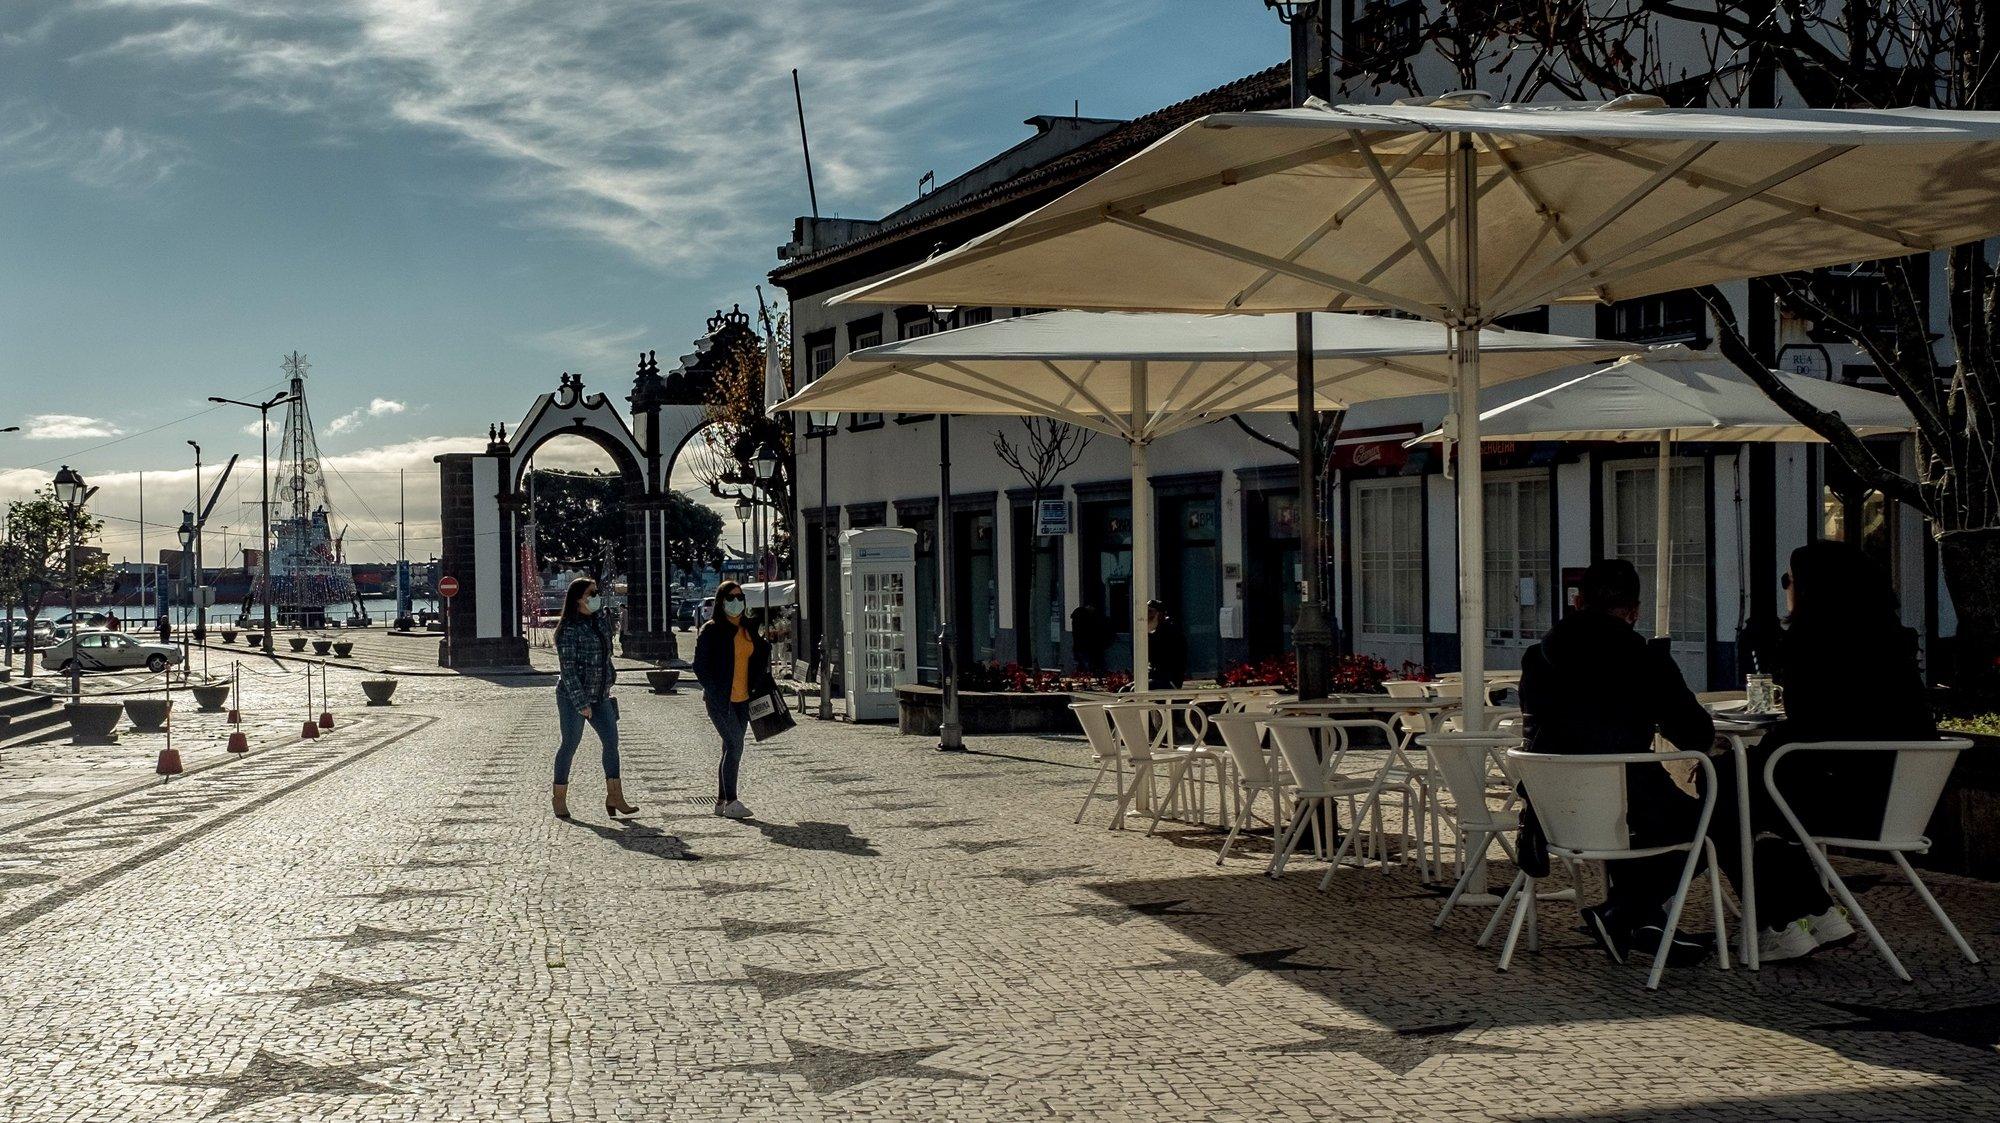 Populares esta manhã no centro de Ponta Delgada, na ilha de São Miguel, Açores, 09 de janeiro de 2021. A ilha de São Miguel, tem a partir desta sexta-feira novas medidas de contenção da covid-19, como limitação de ajuntamentos, recolher obrigatório, limitação de horário de restaurantes e lojas, e também encerramento de escolas. (ACOMPANHA TEXTO DA LUSA). EDUARDO COSTA/LUSA